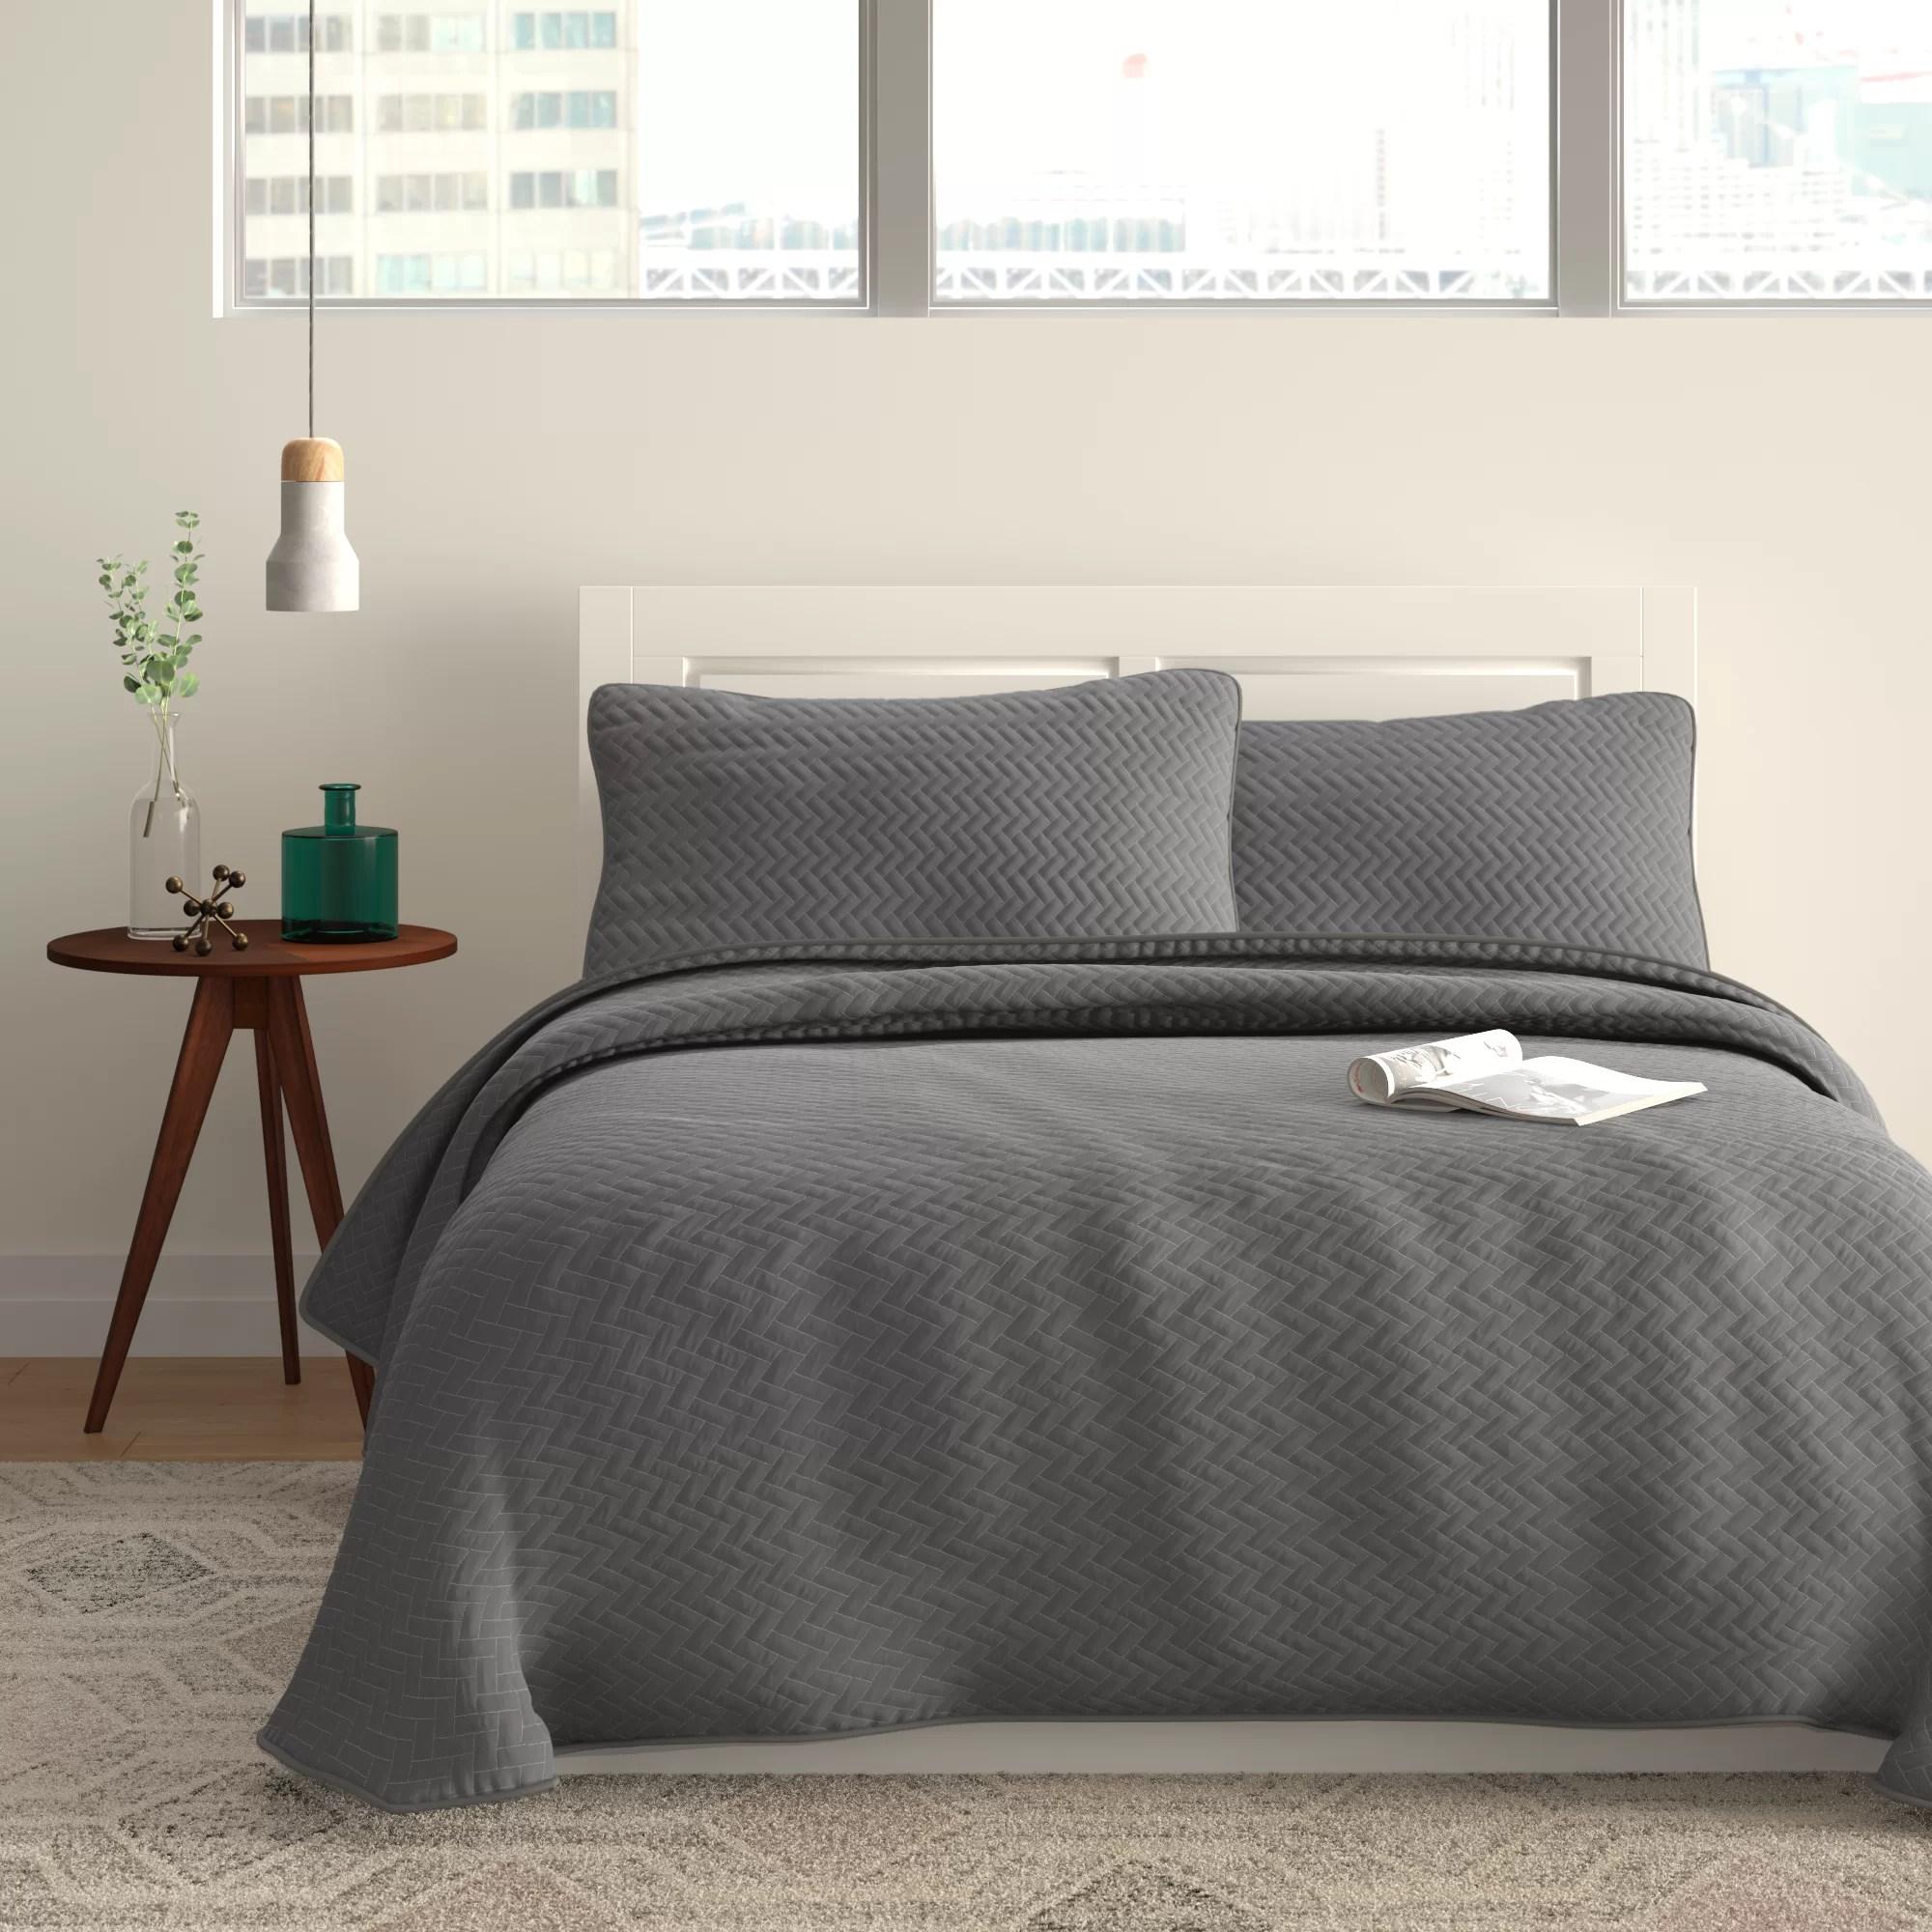 queen bedding you ll love in 2021 wayfair